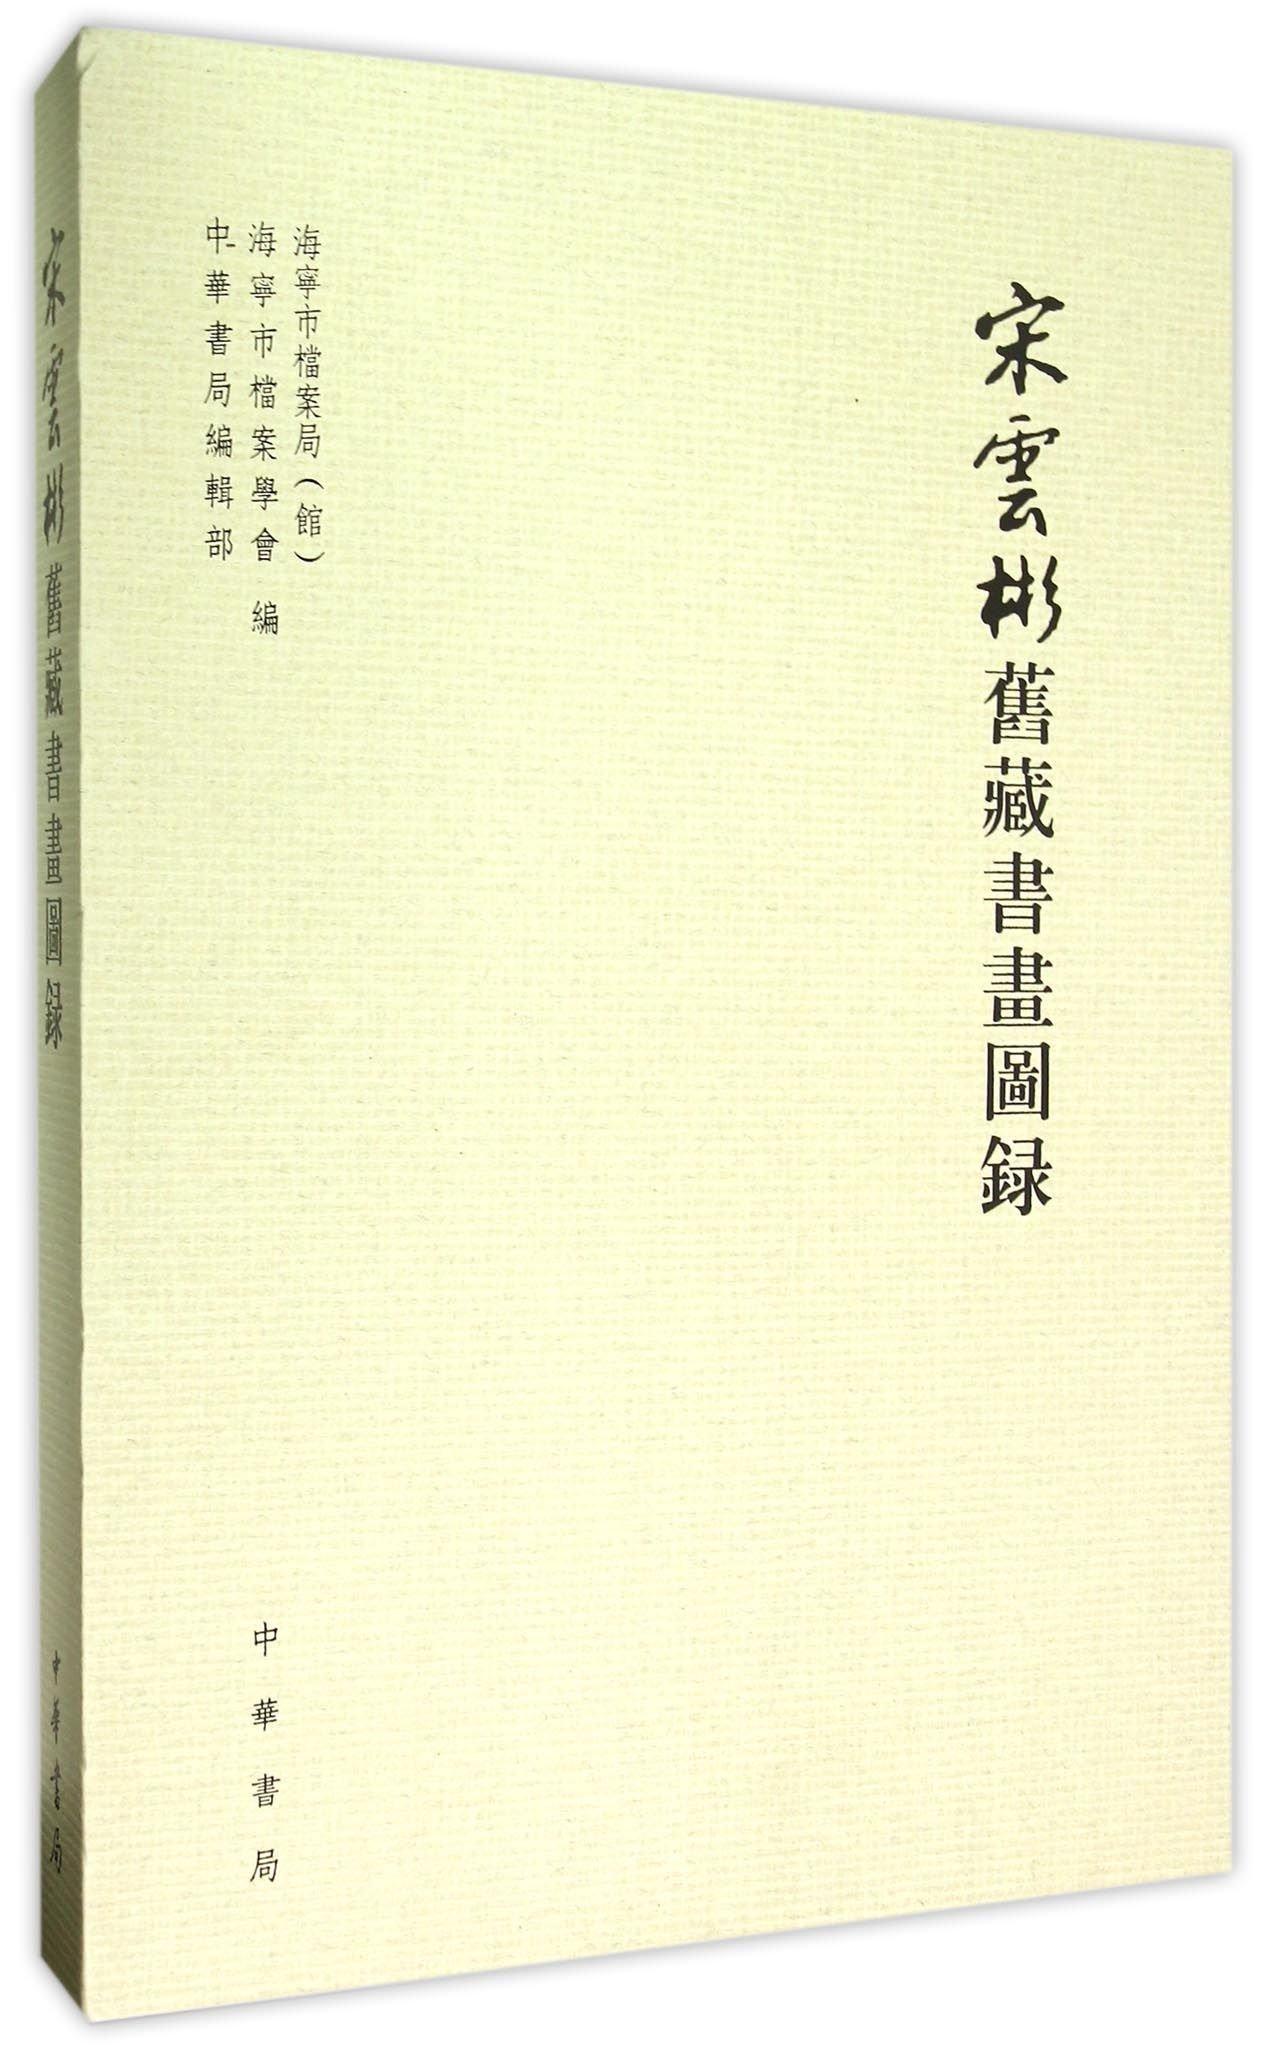 宋云彬旧藏书画图录(精) pdf